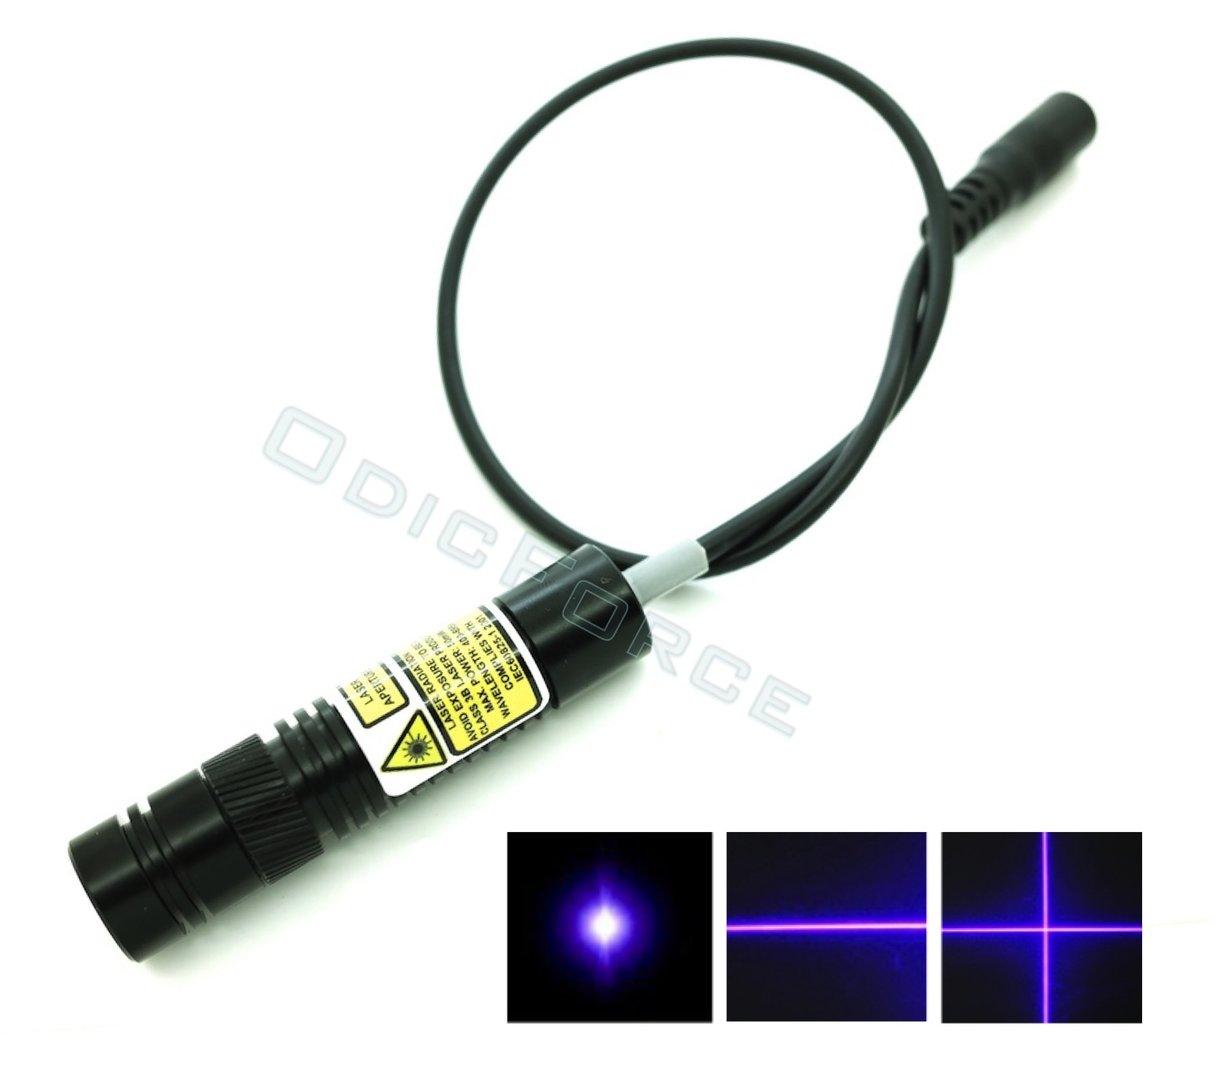 50mw 405nm Adjustable Focus Blue Violet Dot Line Cross